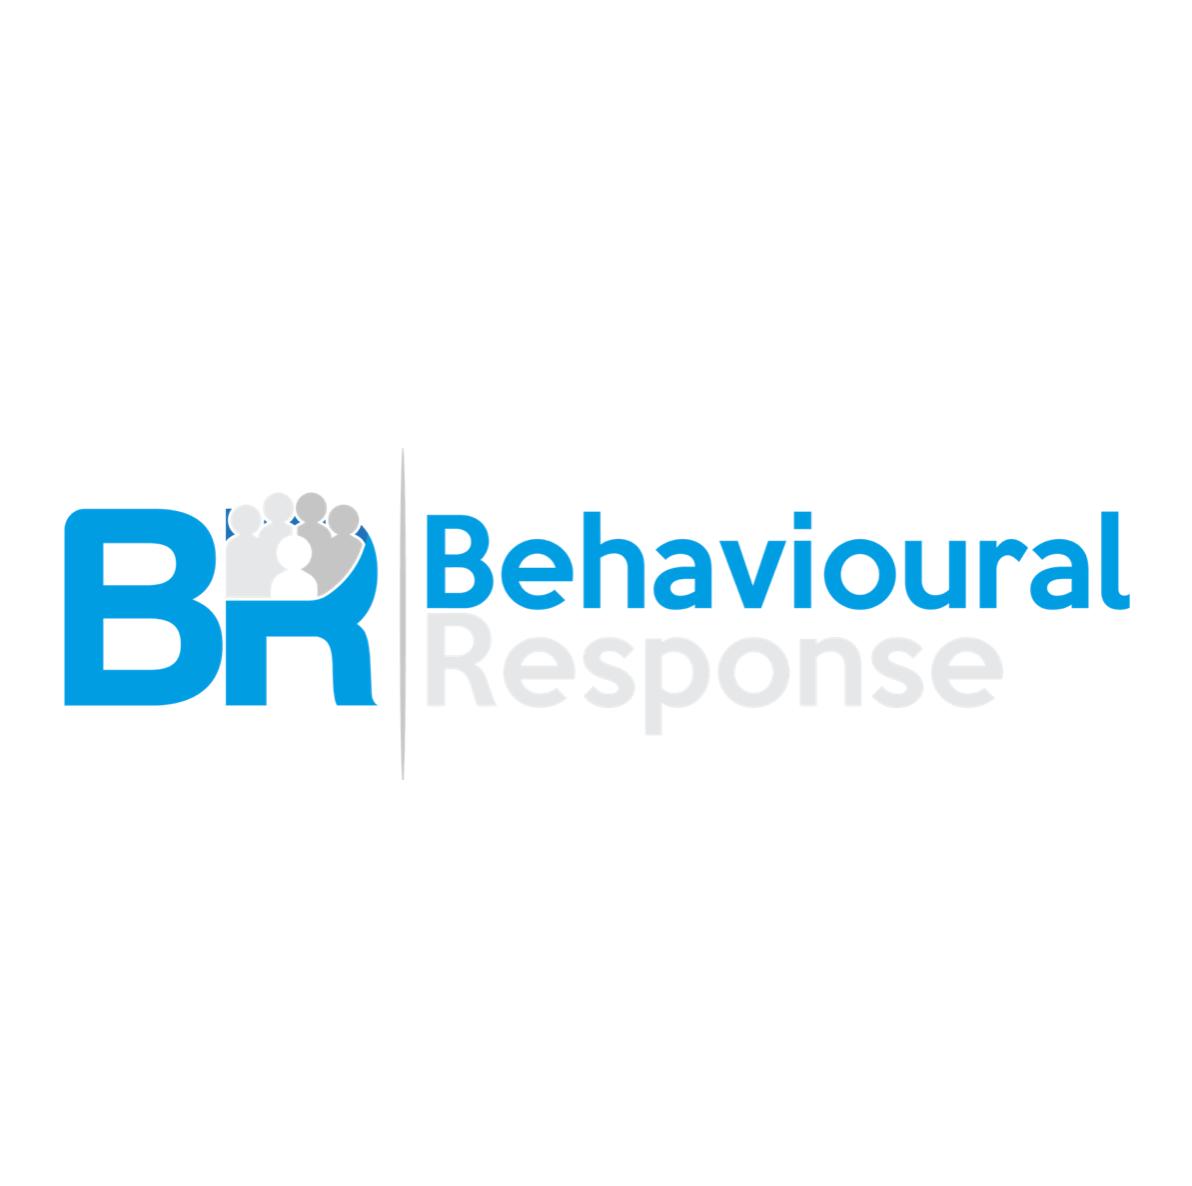 The speaker works for Behavioural Response